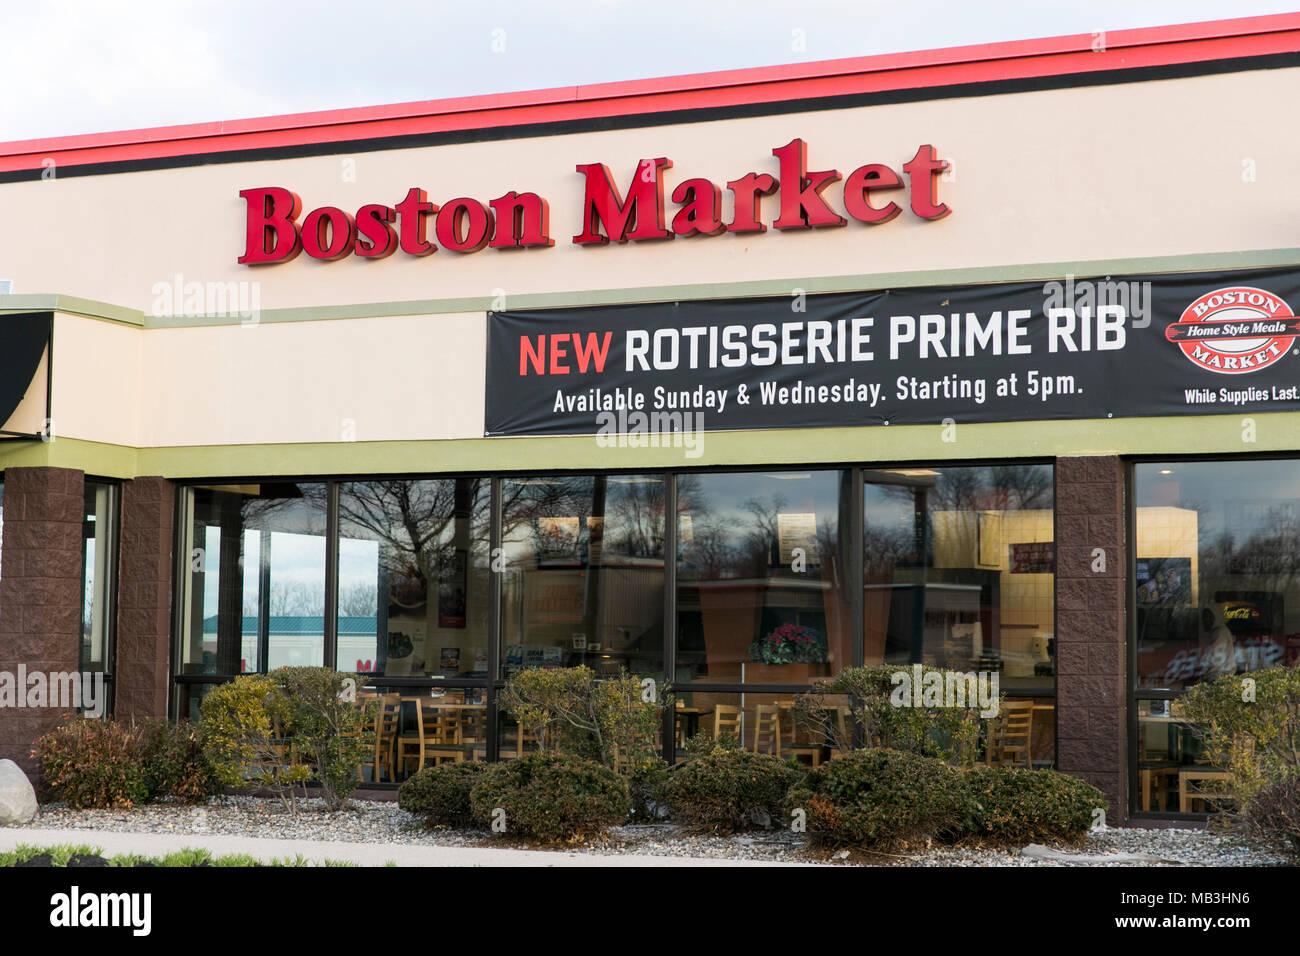 Un Boston Market Restaurante ubicación en Hagerstown, Maryland, el 5 de abril de 2018. Imagen De Stock